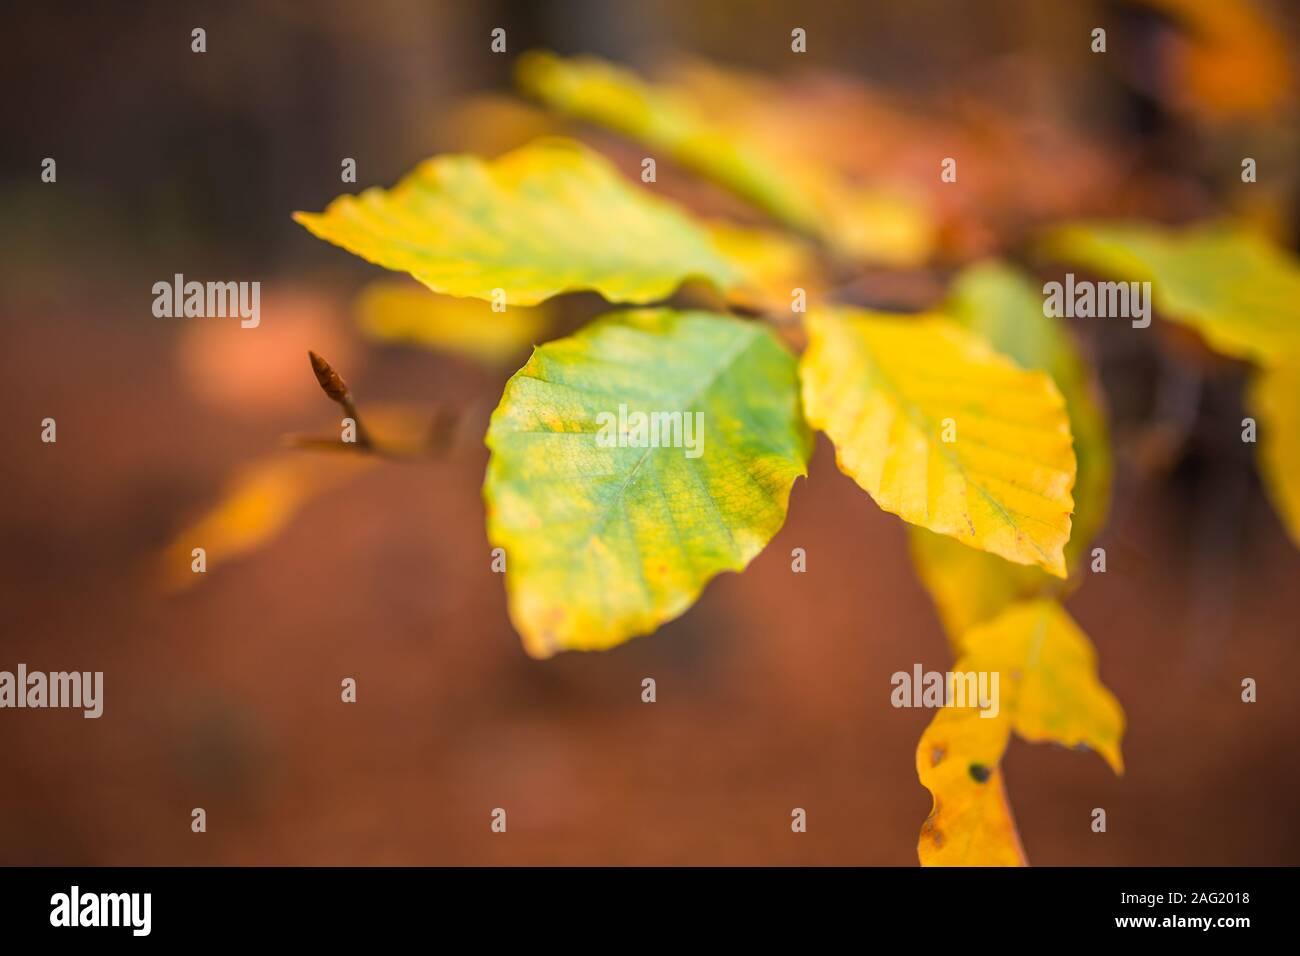 Cerrar imagen de naranja hojas de otoño en suave luz dorada en Forrest. Foto de stock